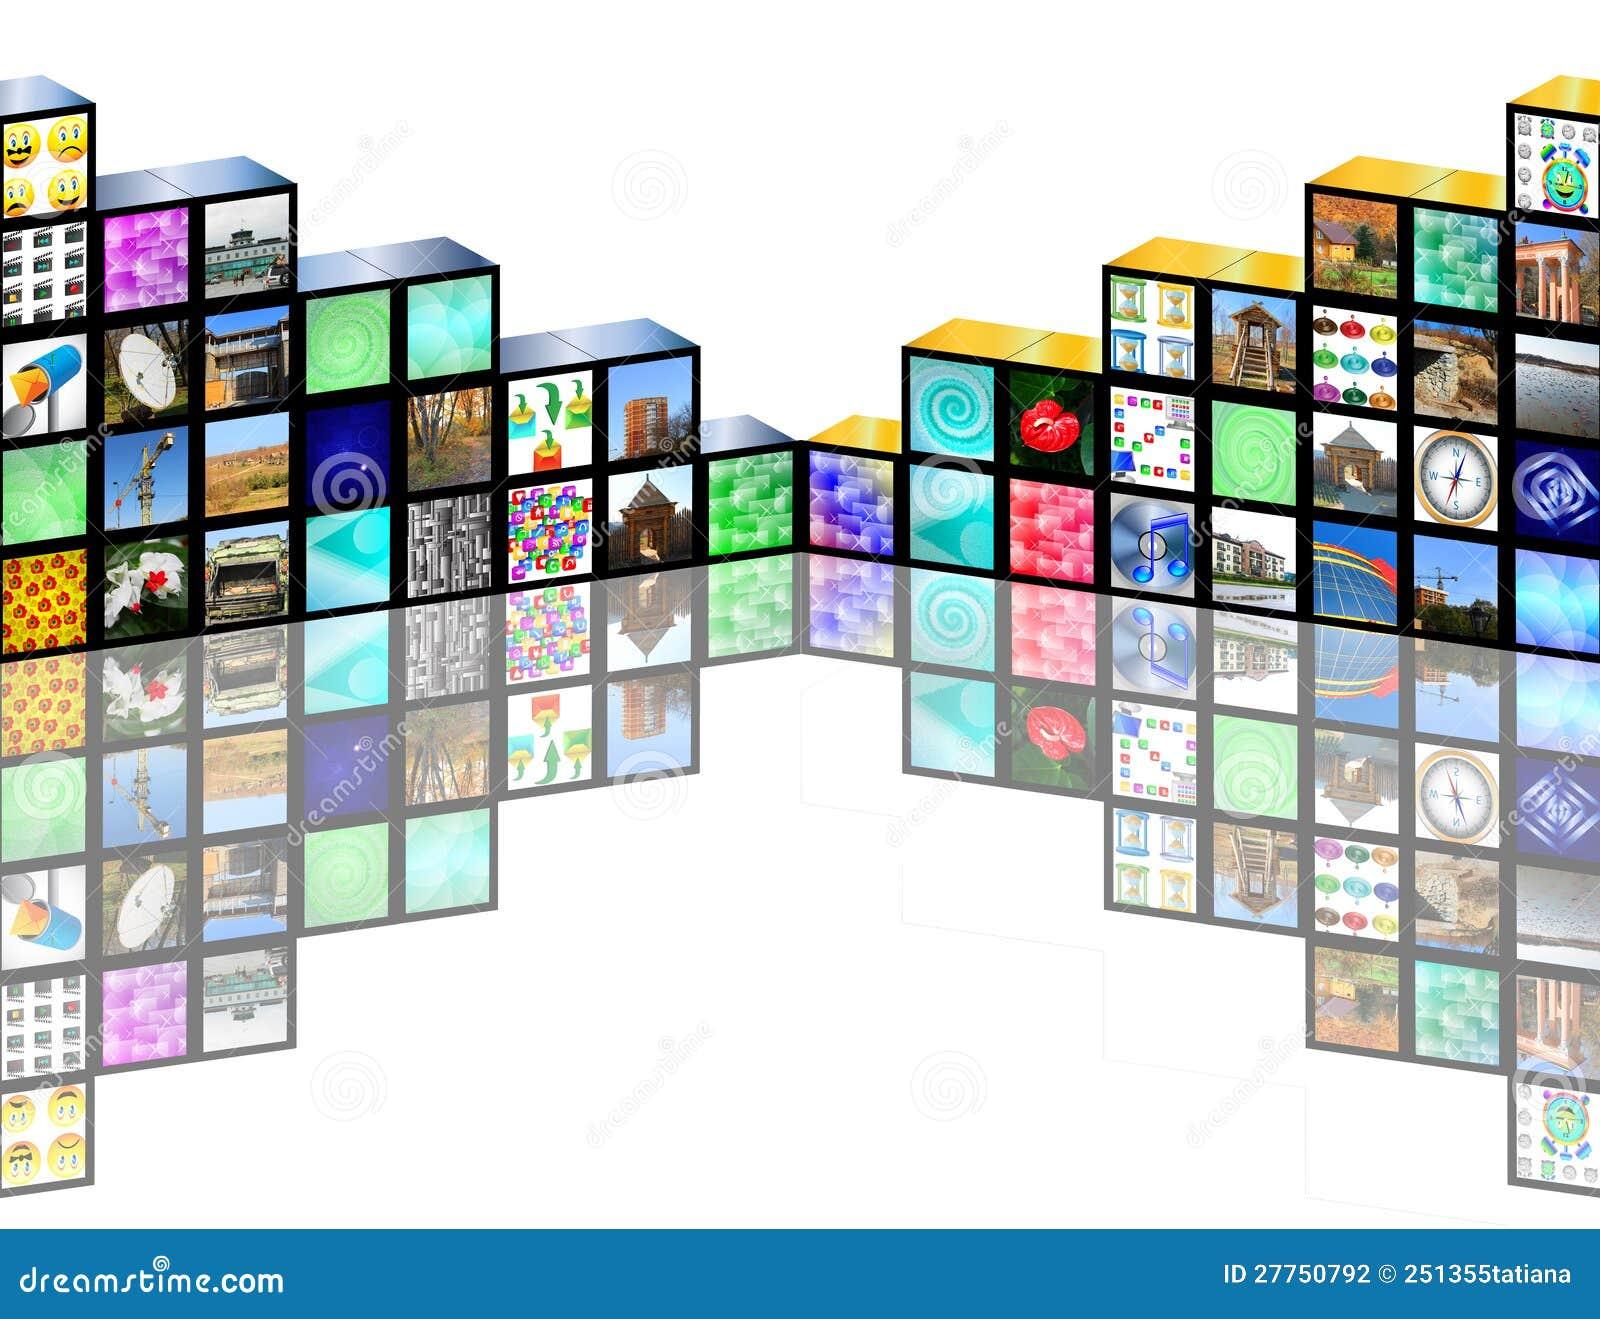 Medias cubiques